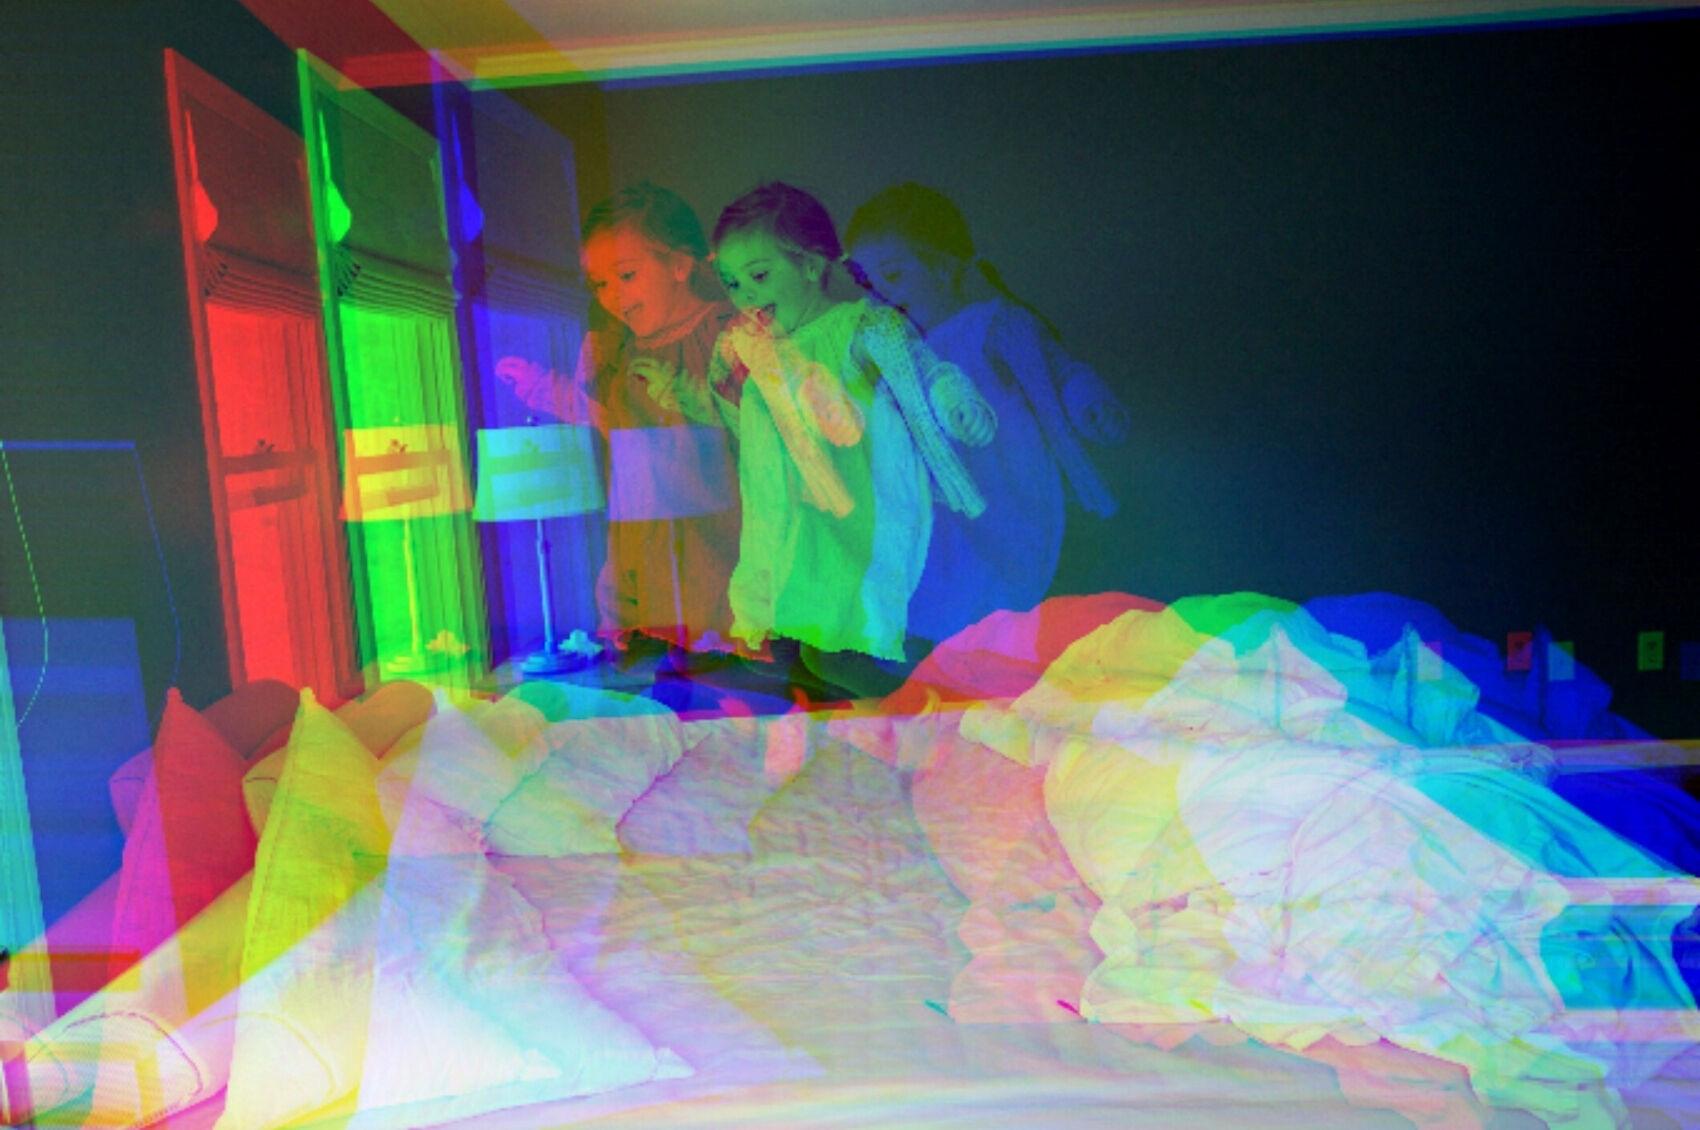 crianca-pulando-cama-tdah